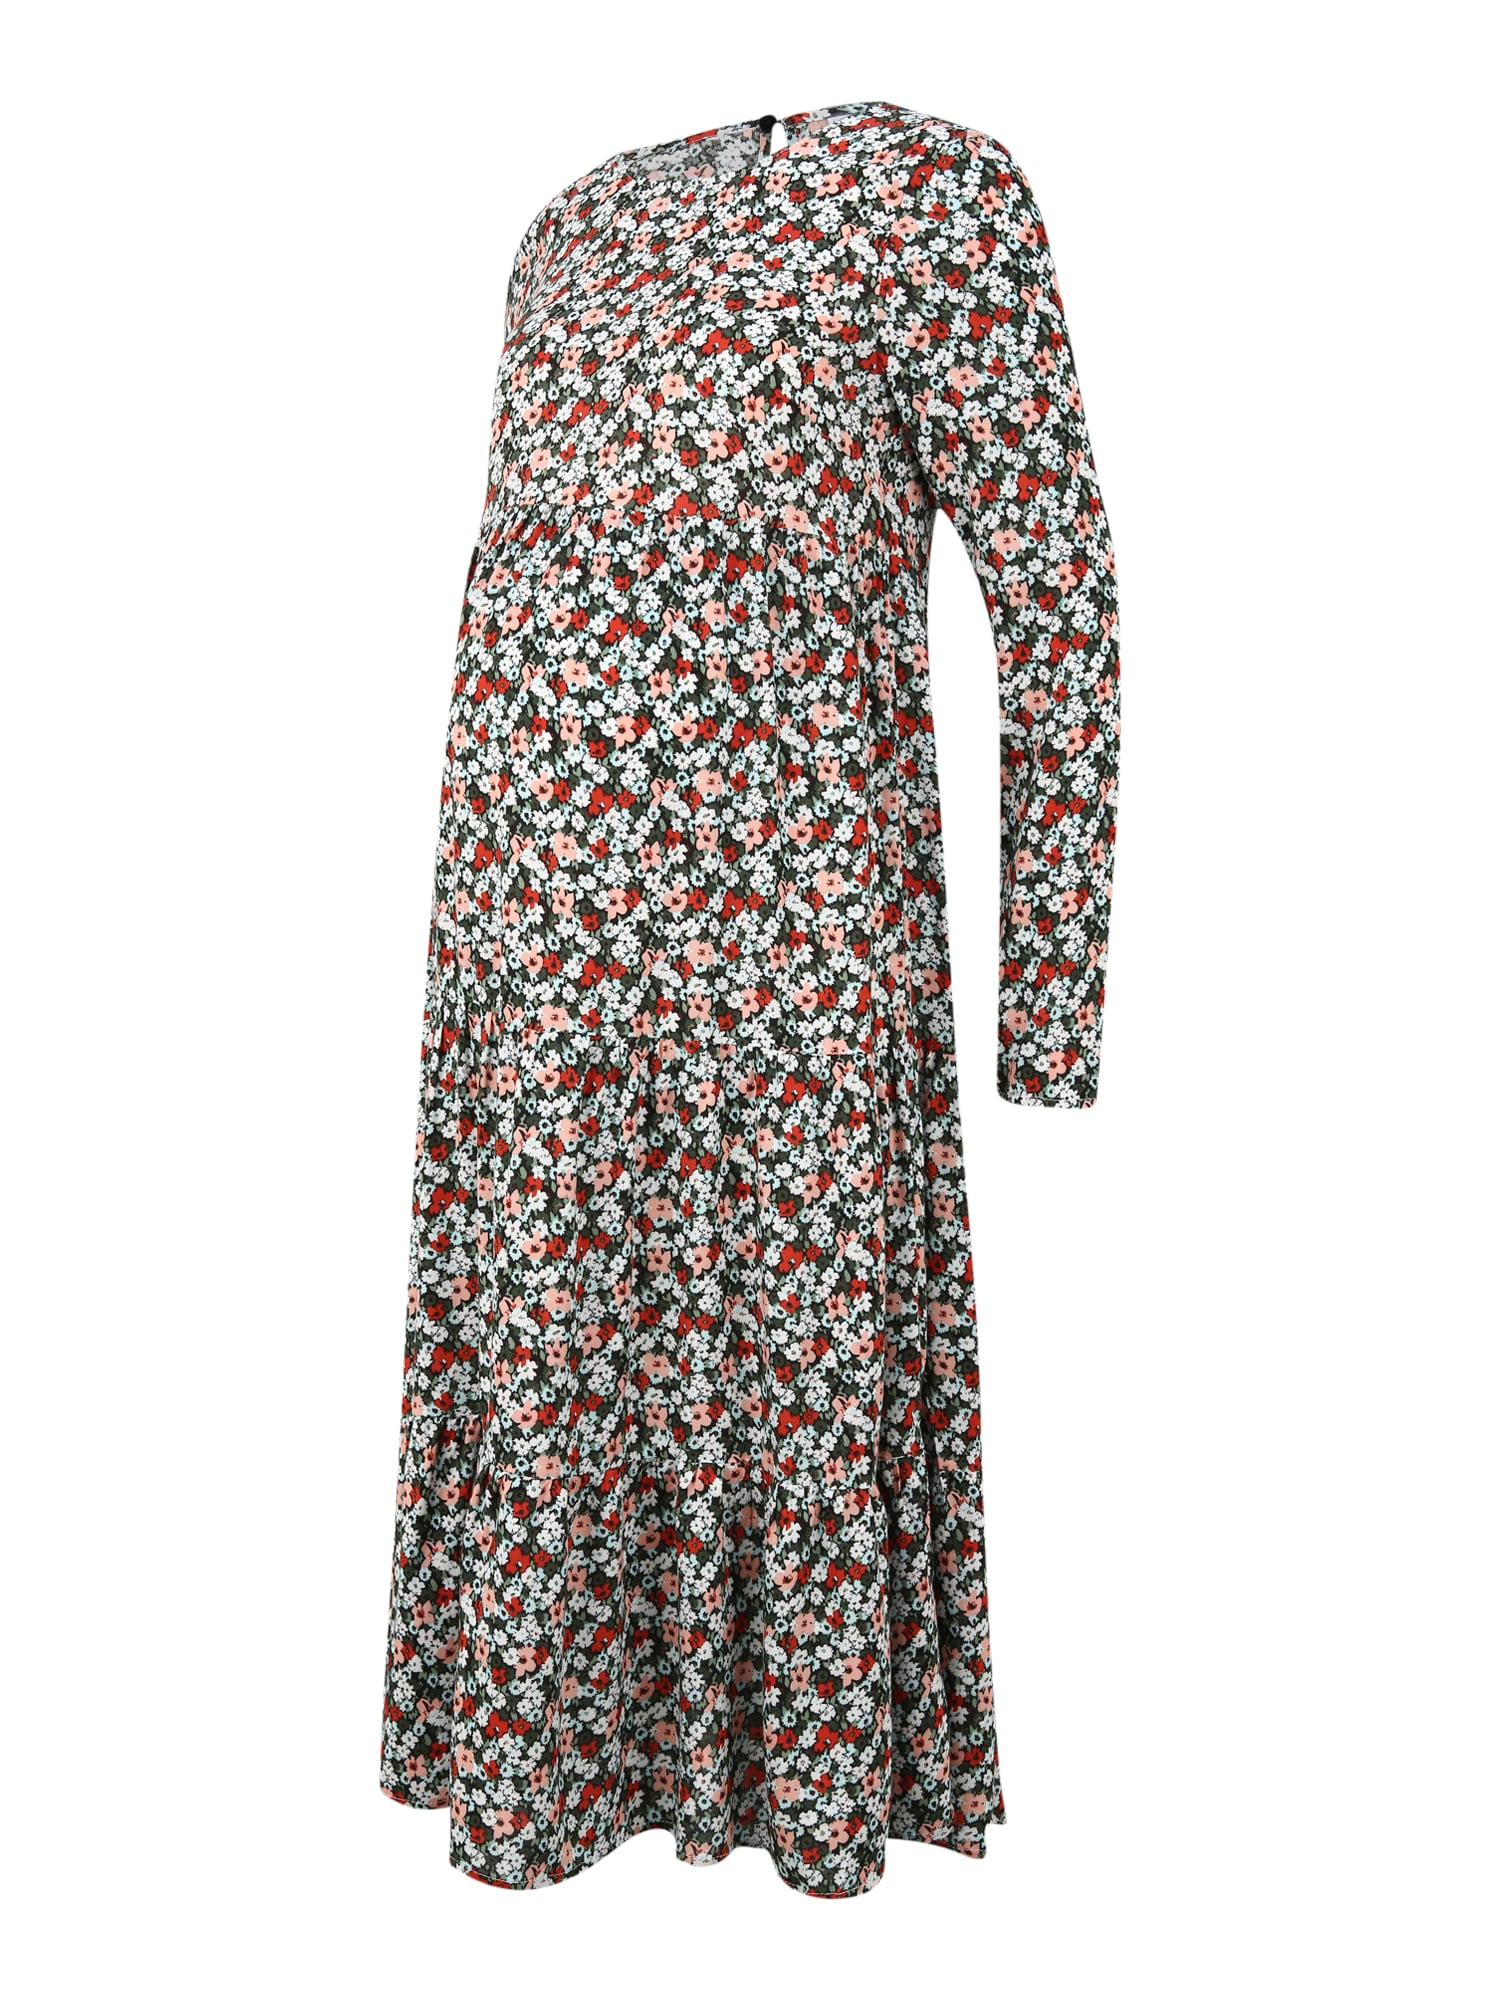 Pieces Maternity Suknelė juoda / mišrios spalvos